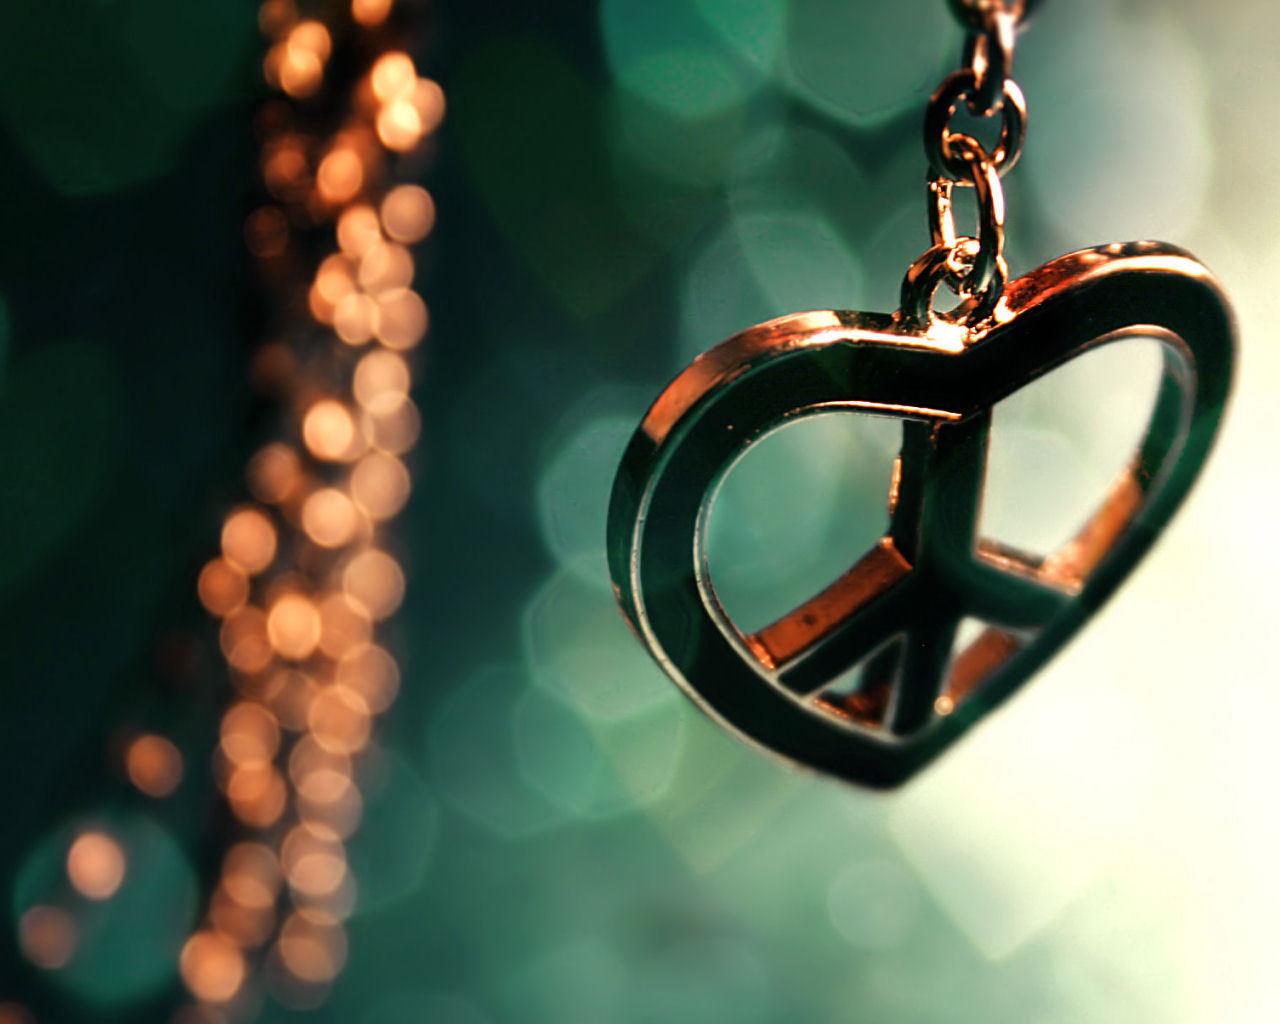 13136 скачать обои Фон, Логотипы, Сердца, Любовь, День Святого Валентина (Valentine's Day) - заставки и картинки бесплатно